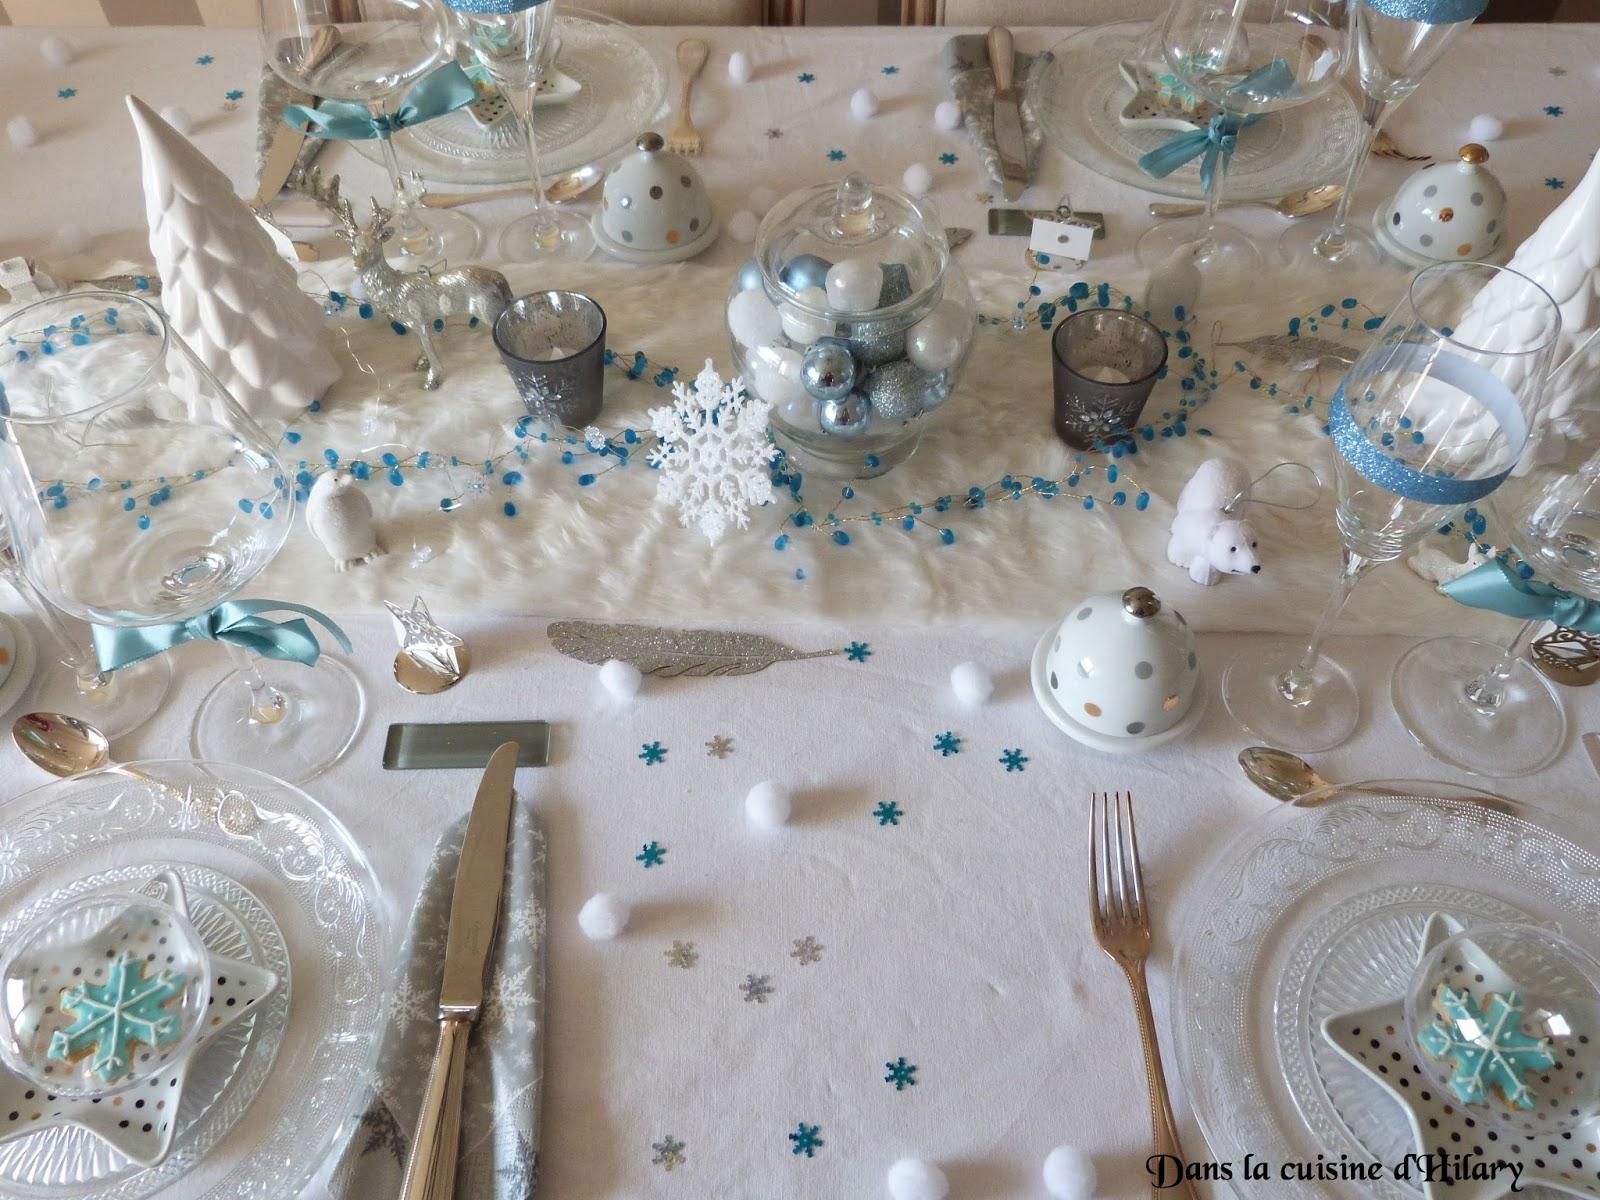 #426B76 Dans La Cuisine D'Hilary: Ma Table De Noël Polaire En Bleu  6067 decoration de noel theme polaire 1600x1200 px @ aertt.com